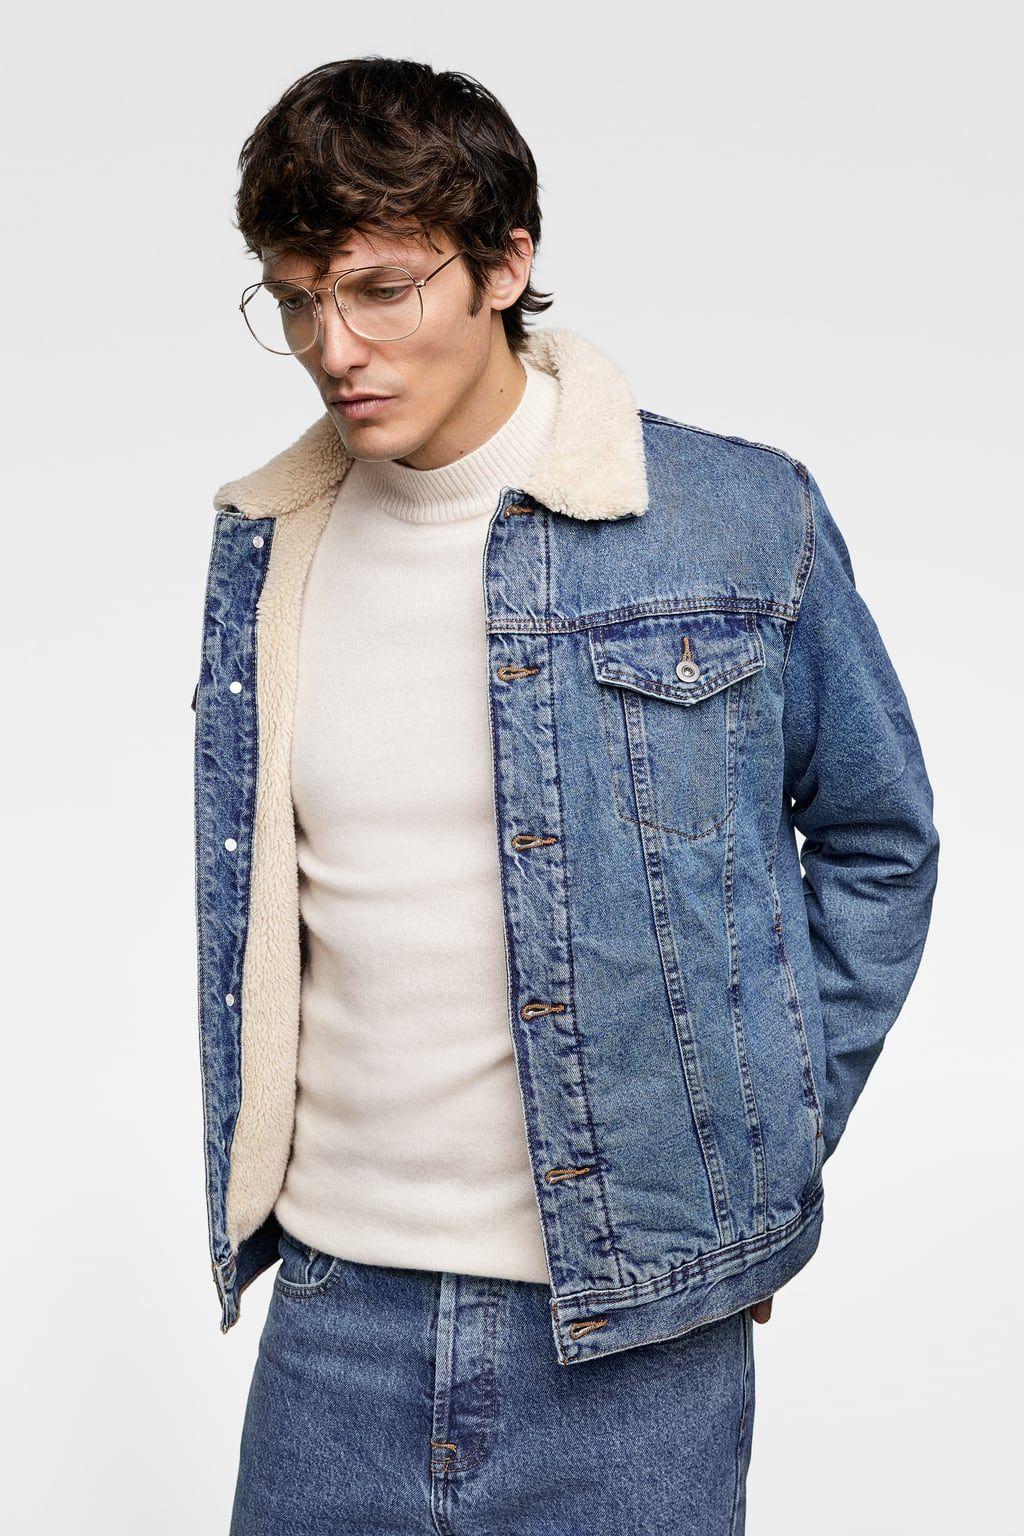 Zdjecie 2 Kurtka Jeansowa Ze Sztucznym Barankiem Z Zara Fleece Denim Jacket Jackets Men Fashion Cargo Jacket Mens [ 1536 x 1024 Pixel ]